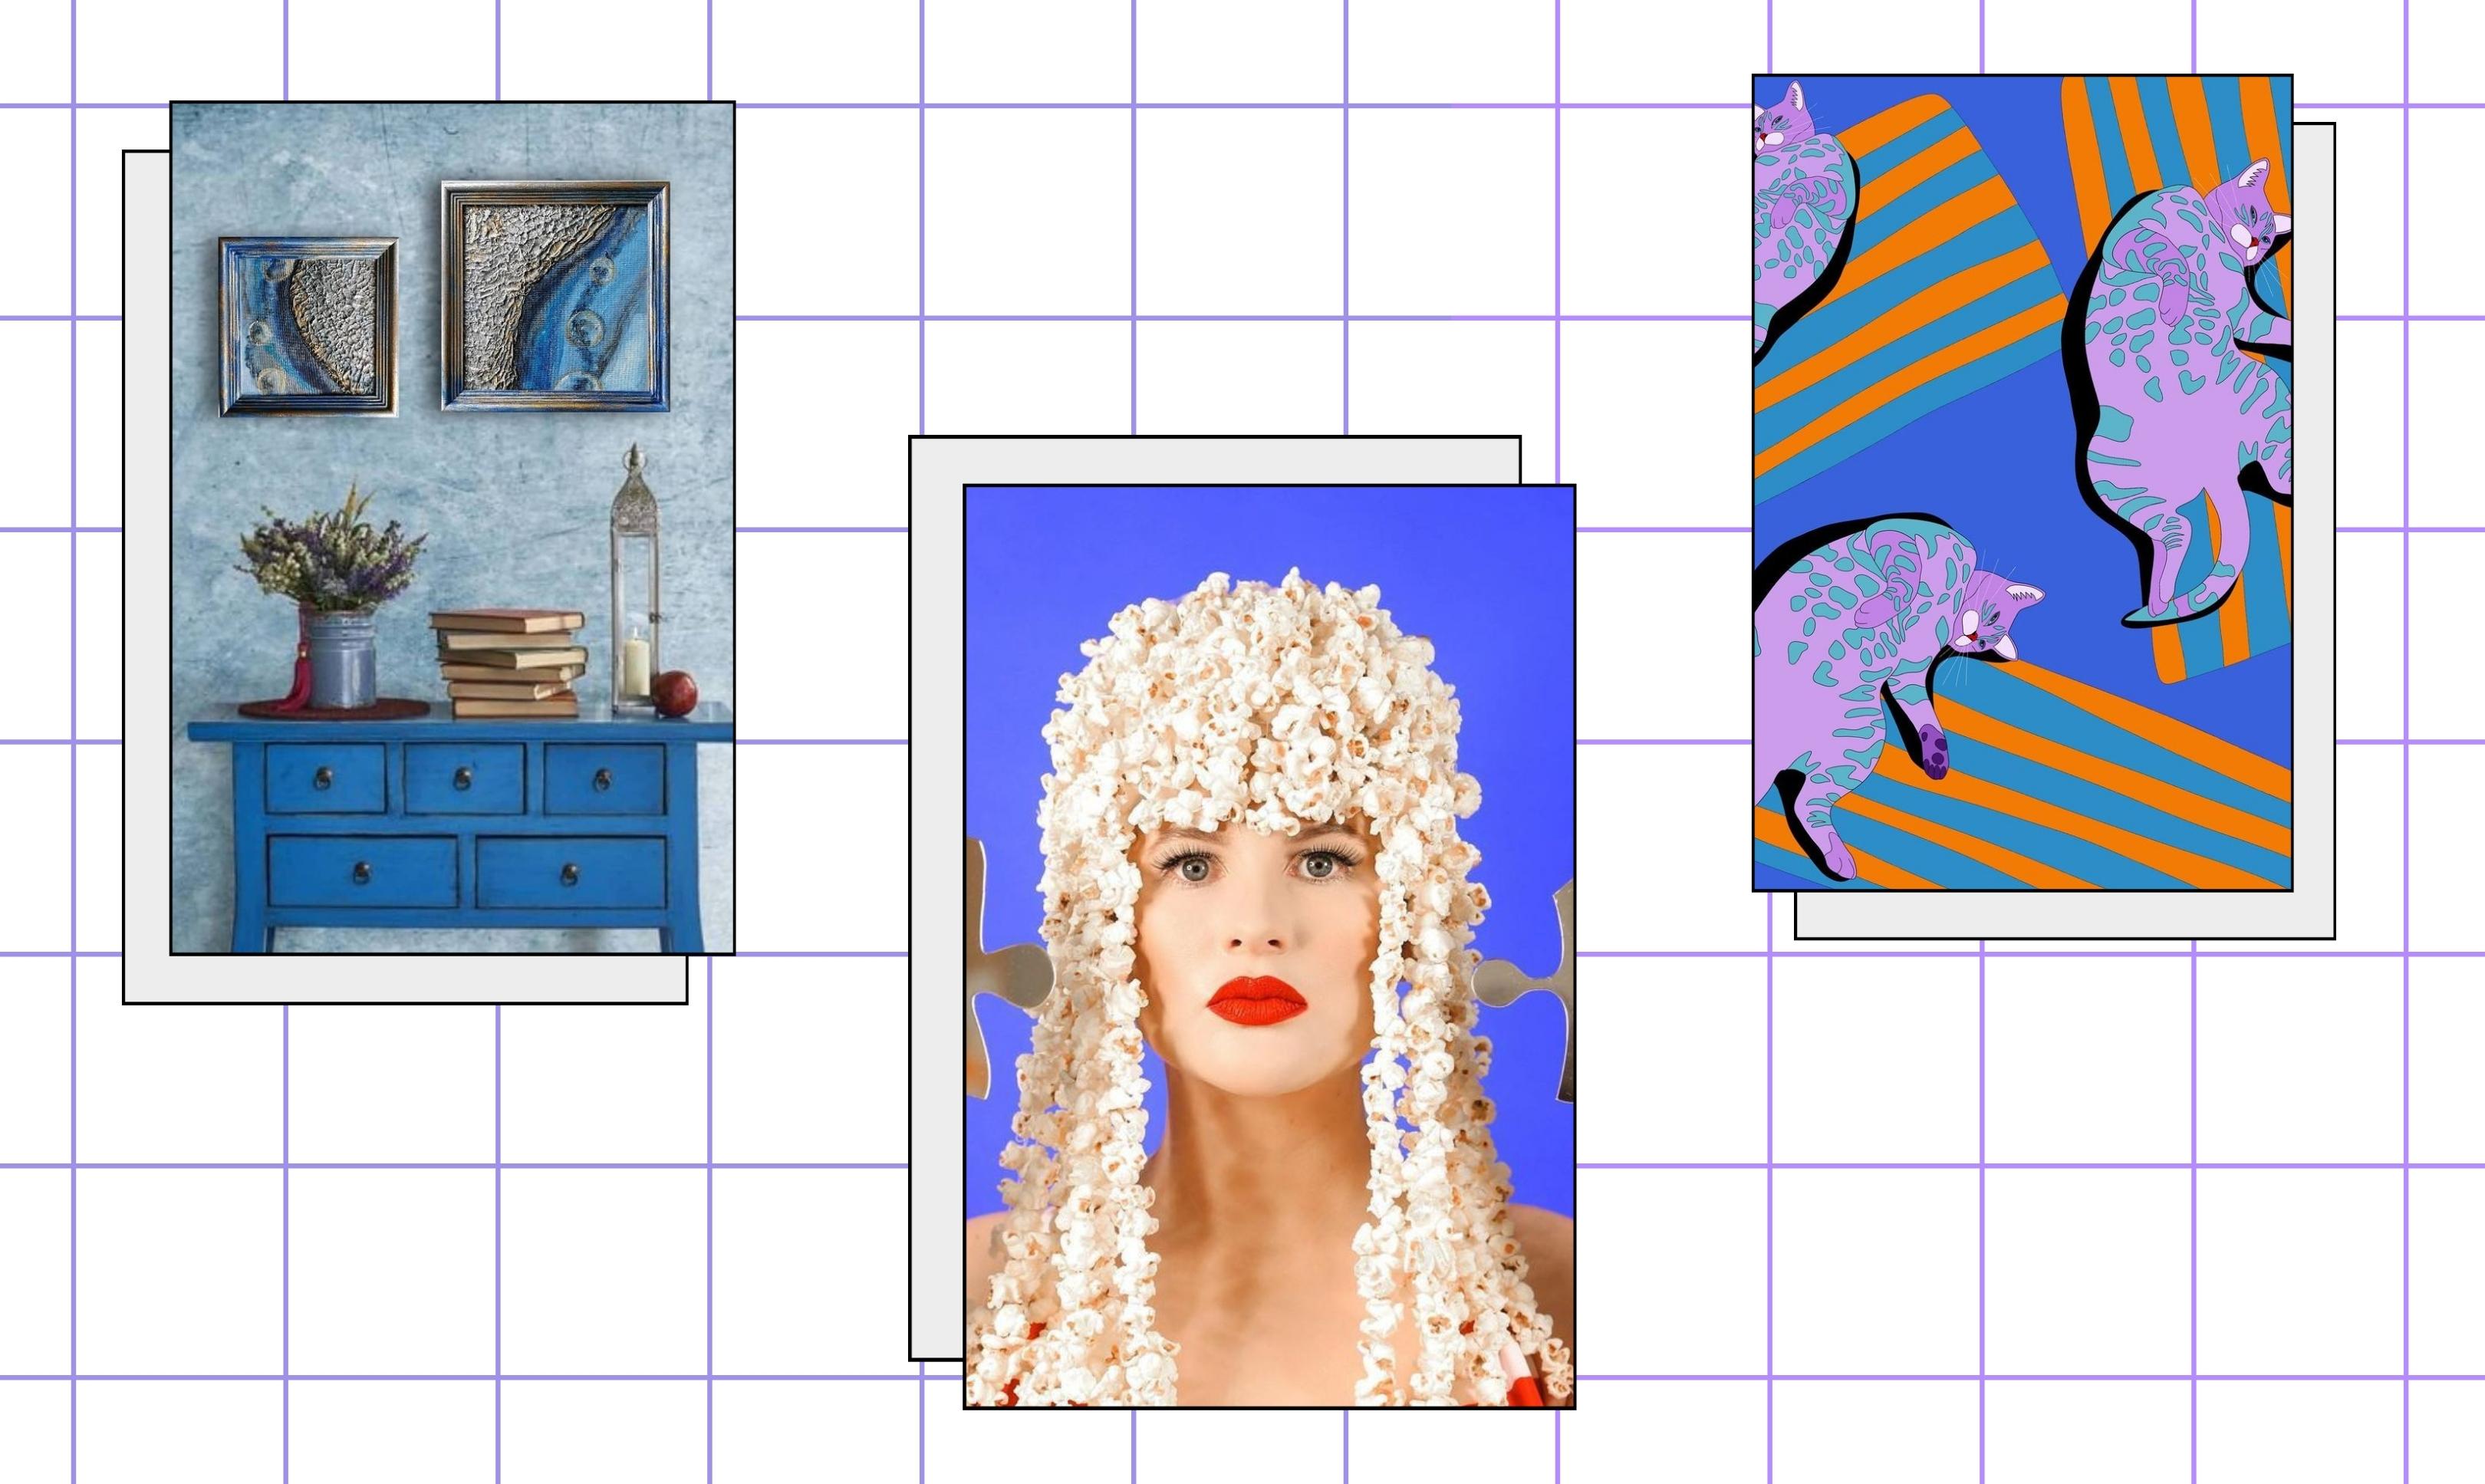 Нам красиво: самые эстетичные арт-проекты Инстаграм